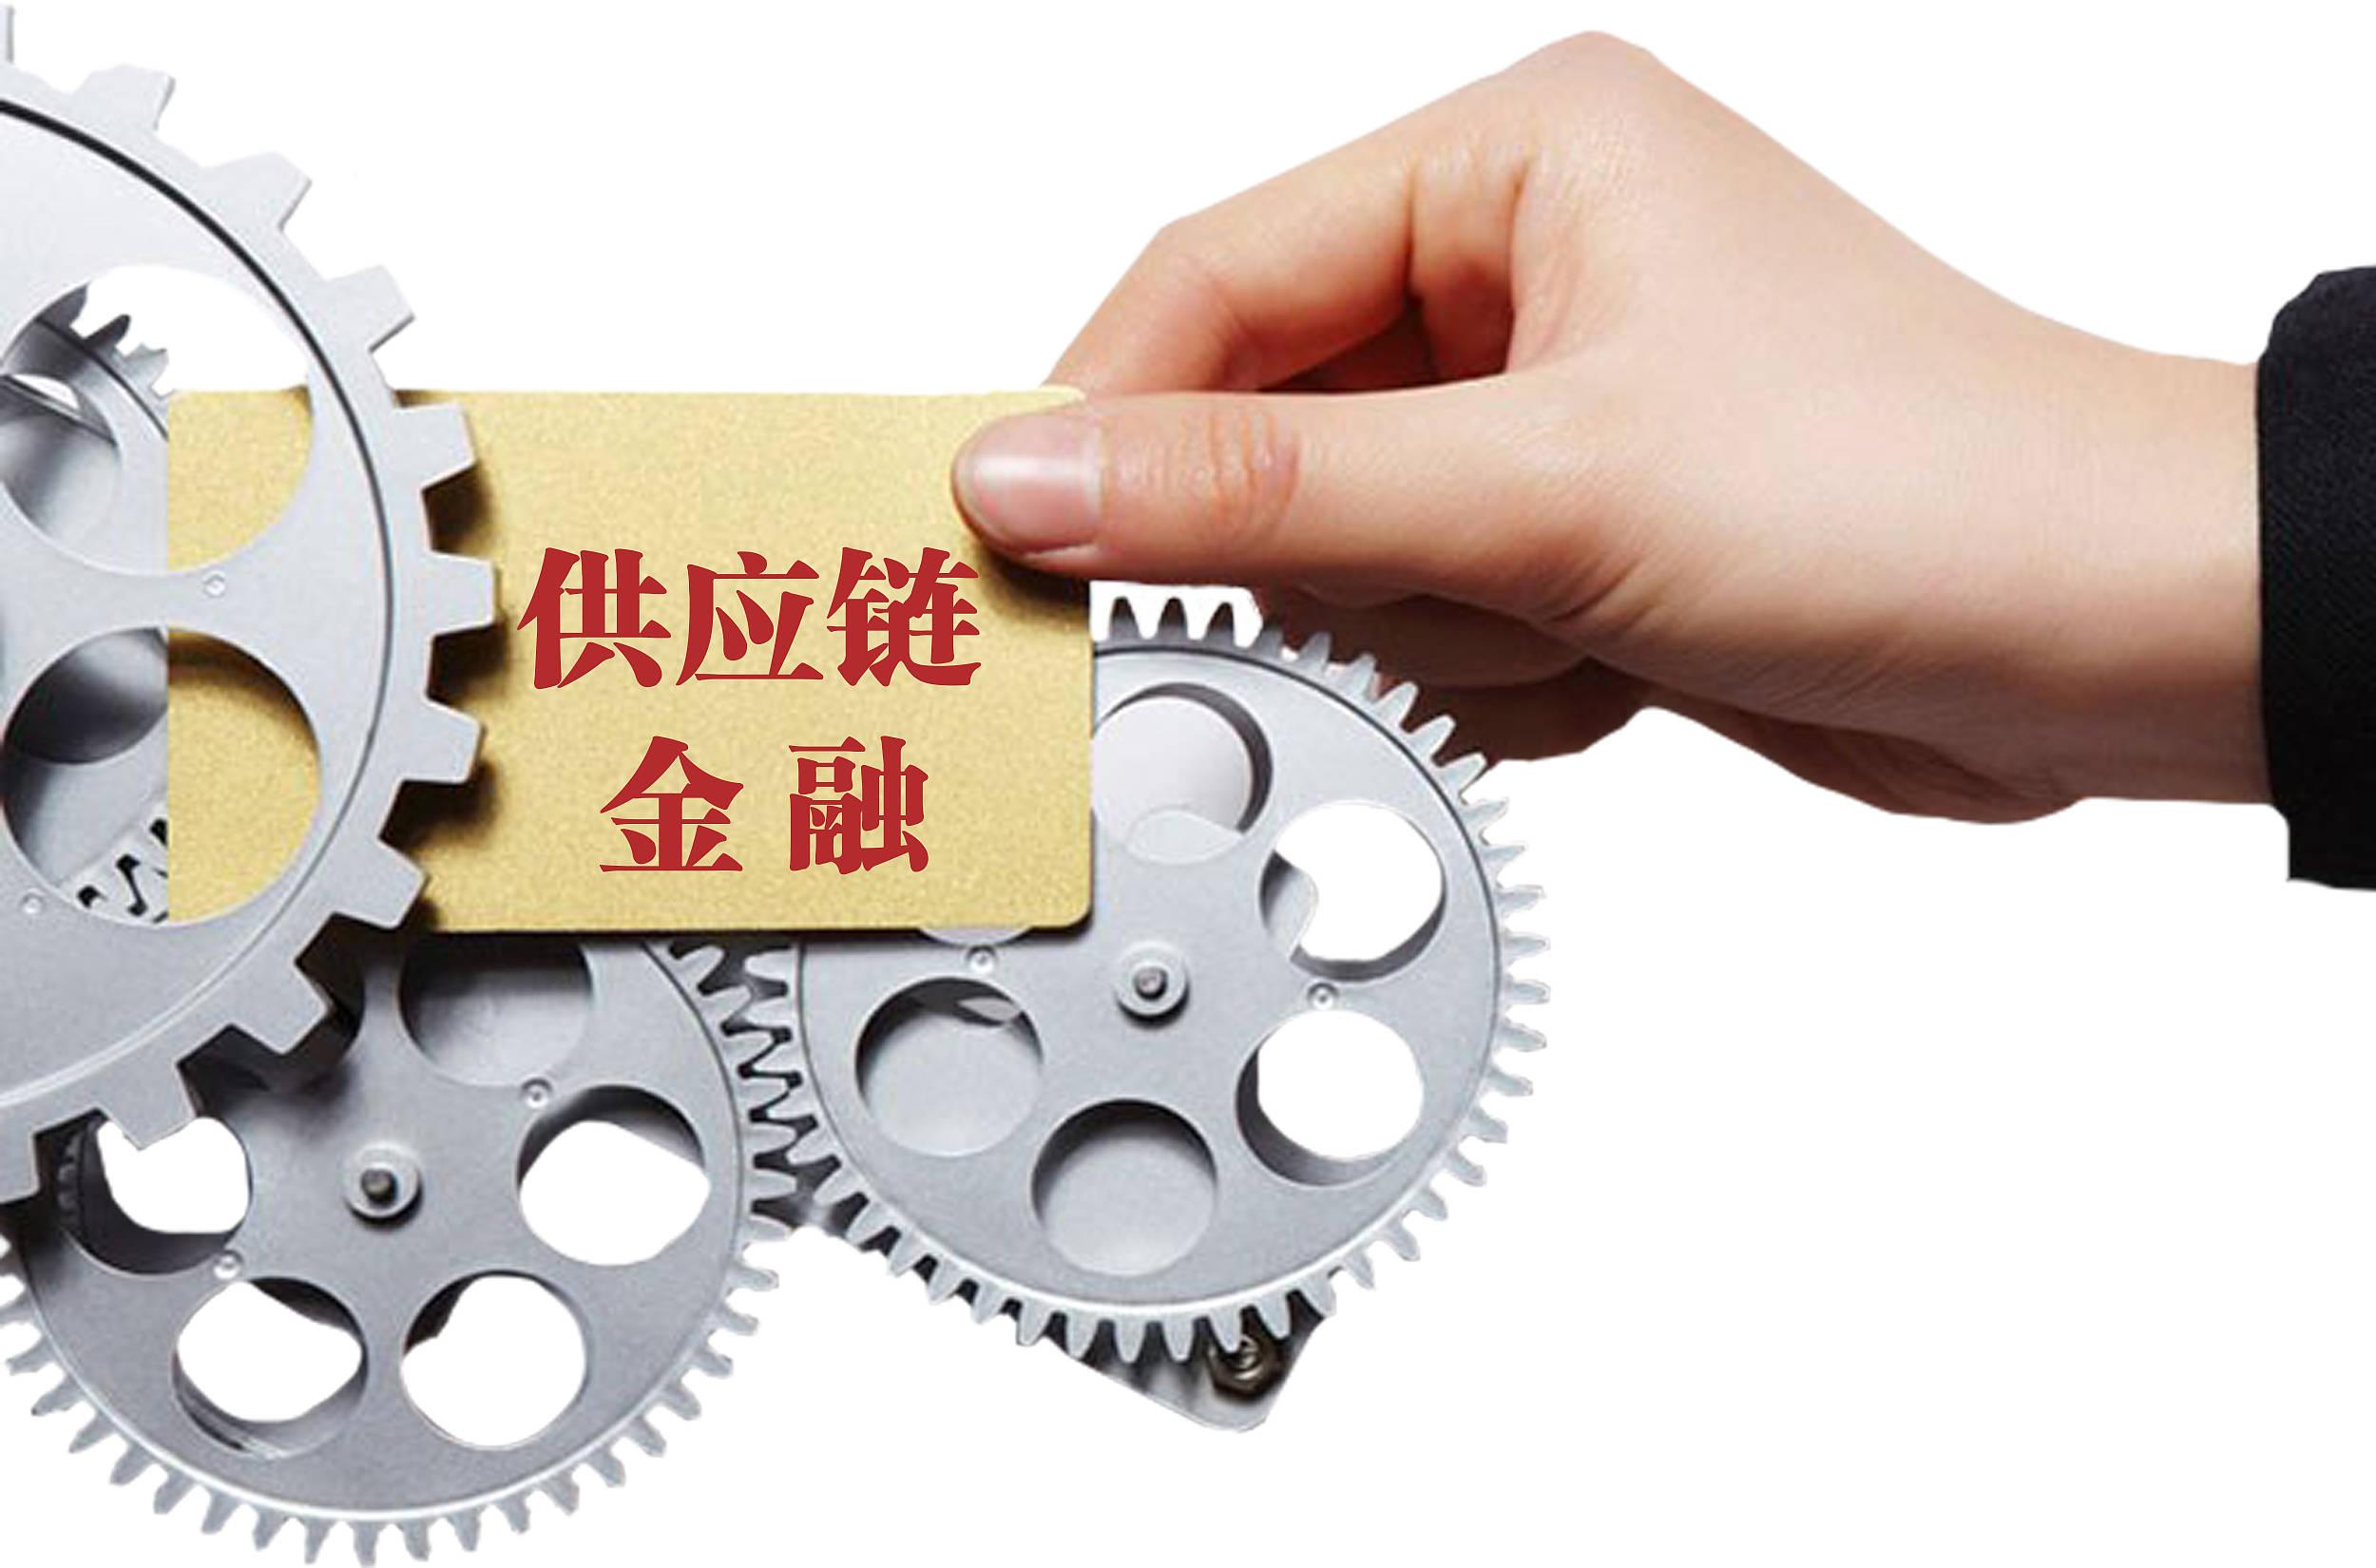 联易融冲刺港交所IPO,腾讯是这家金融科技公司第一大机构股东